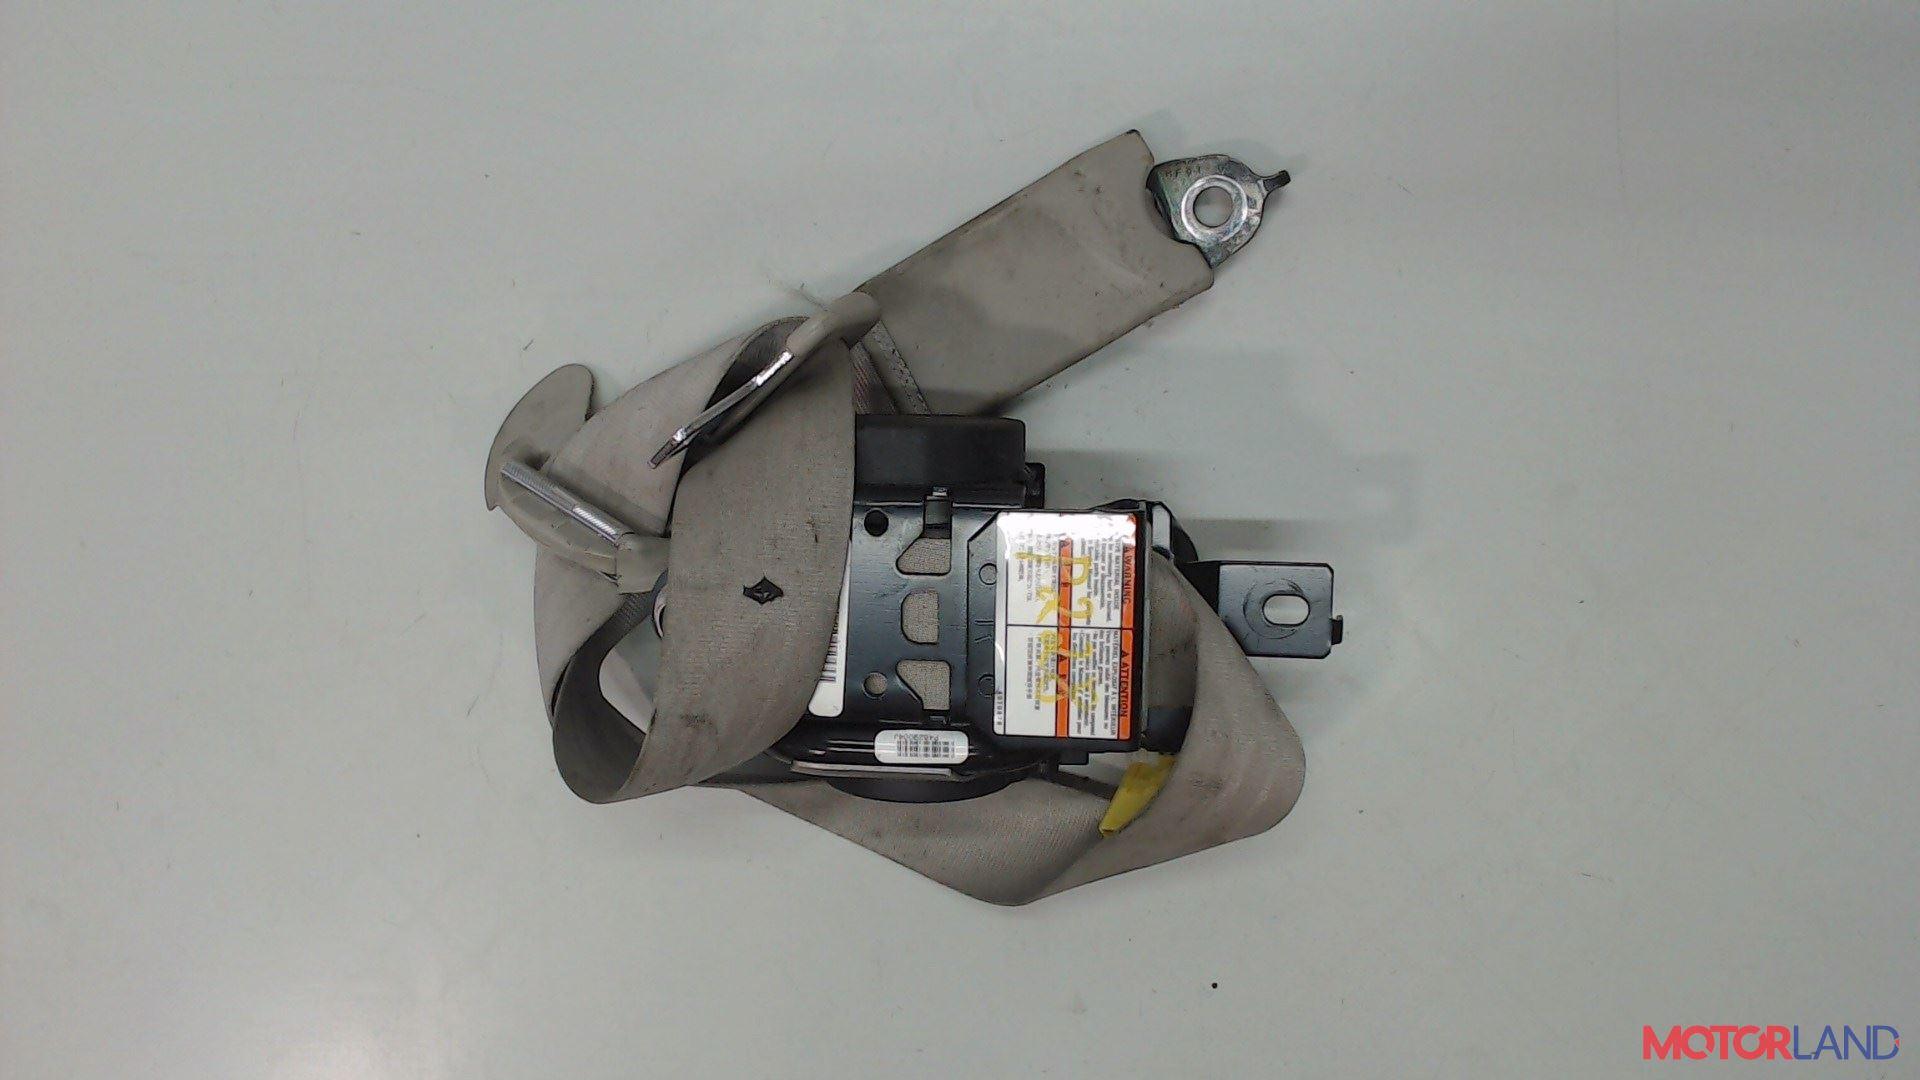 Ремень безопасности Acura RDX 2006-2011, Артикул 5494390 #1